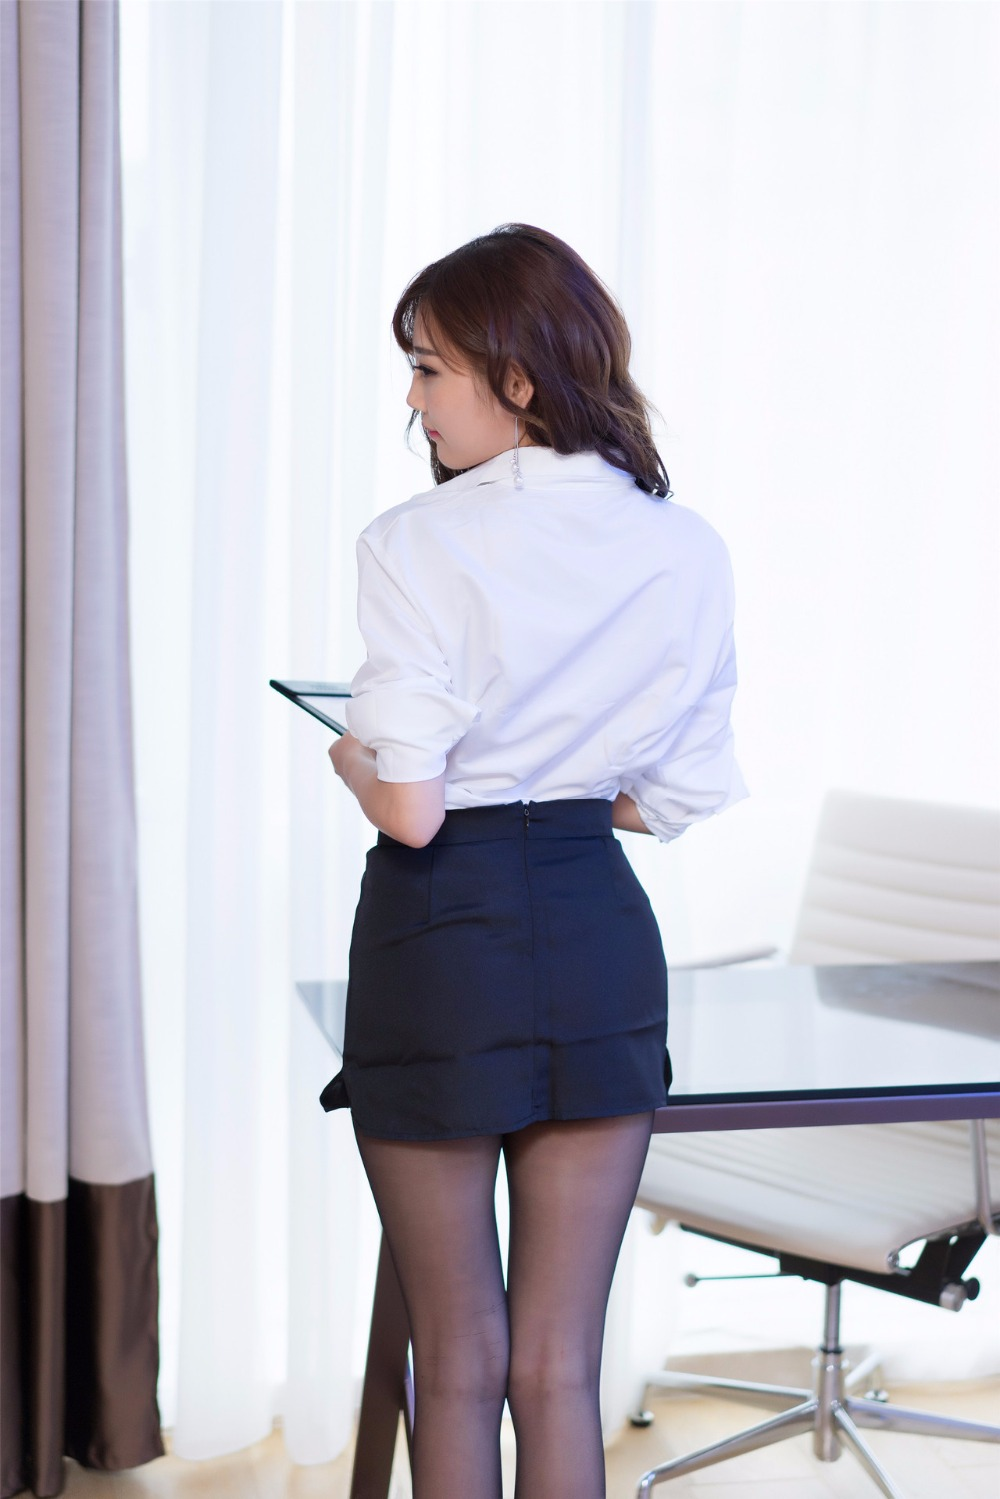 4f3fa3200 € 14.31 8% de DESCUENTO|Mujeres señora Sexy Secretaria uniforme tentación  camisa falda medias cuello pico Oficina señora ajustado-in Conjuntos de ...